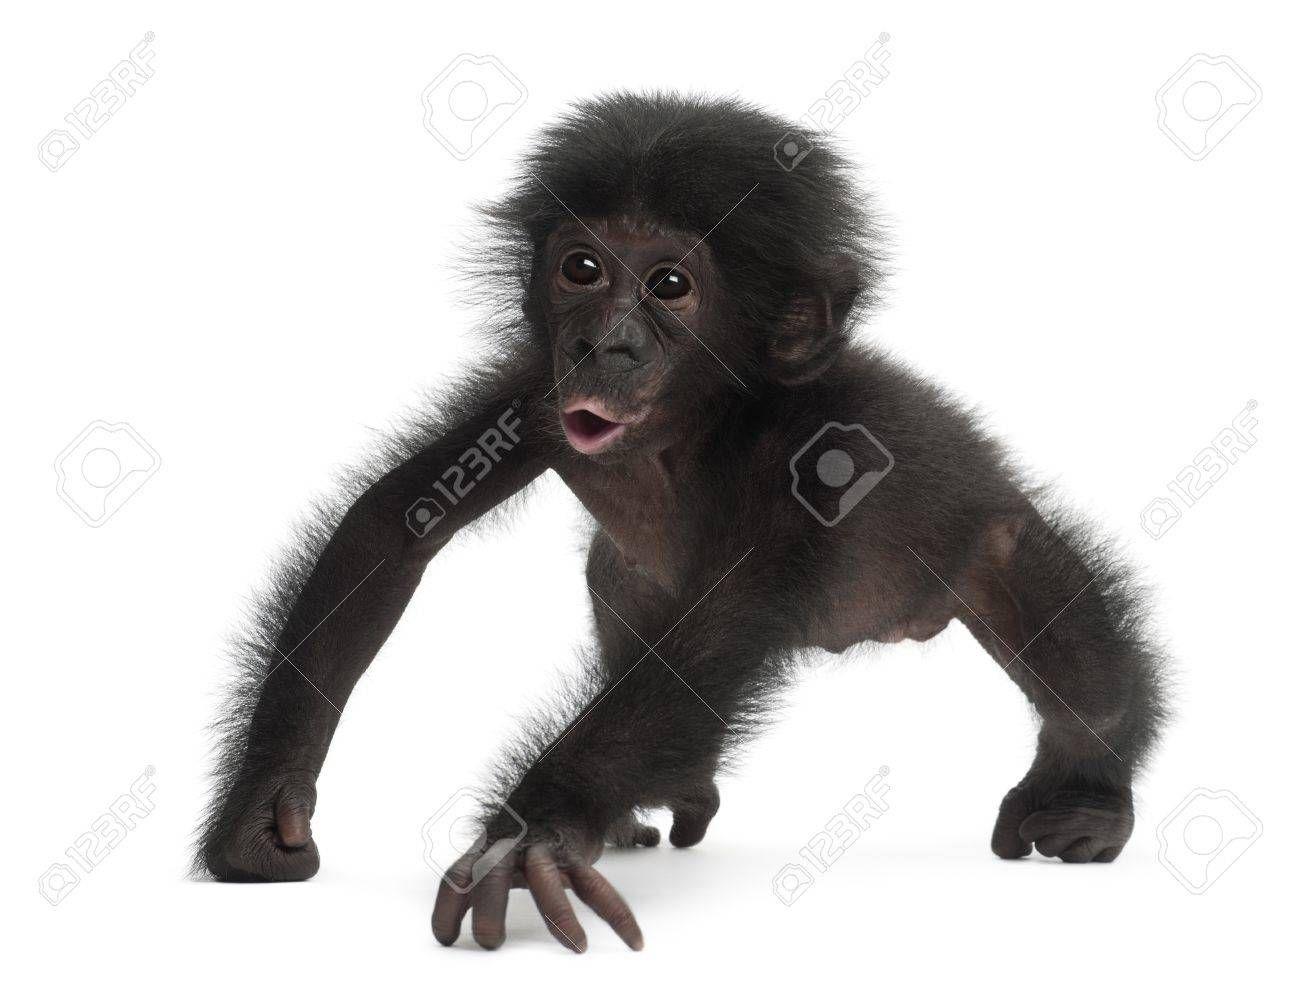 赤ちゃんピグミー チンパンジー ボノボ 4 ヶ月 白い背景に 歩いて チンパンジー ボノボ 赤ちゃん